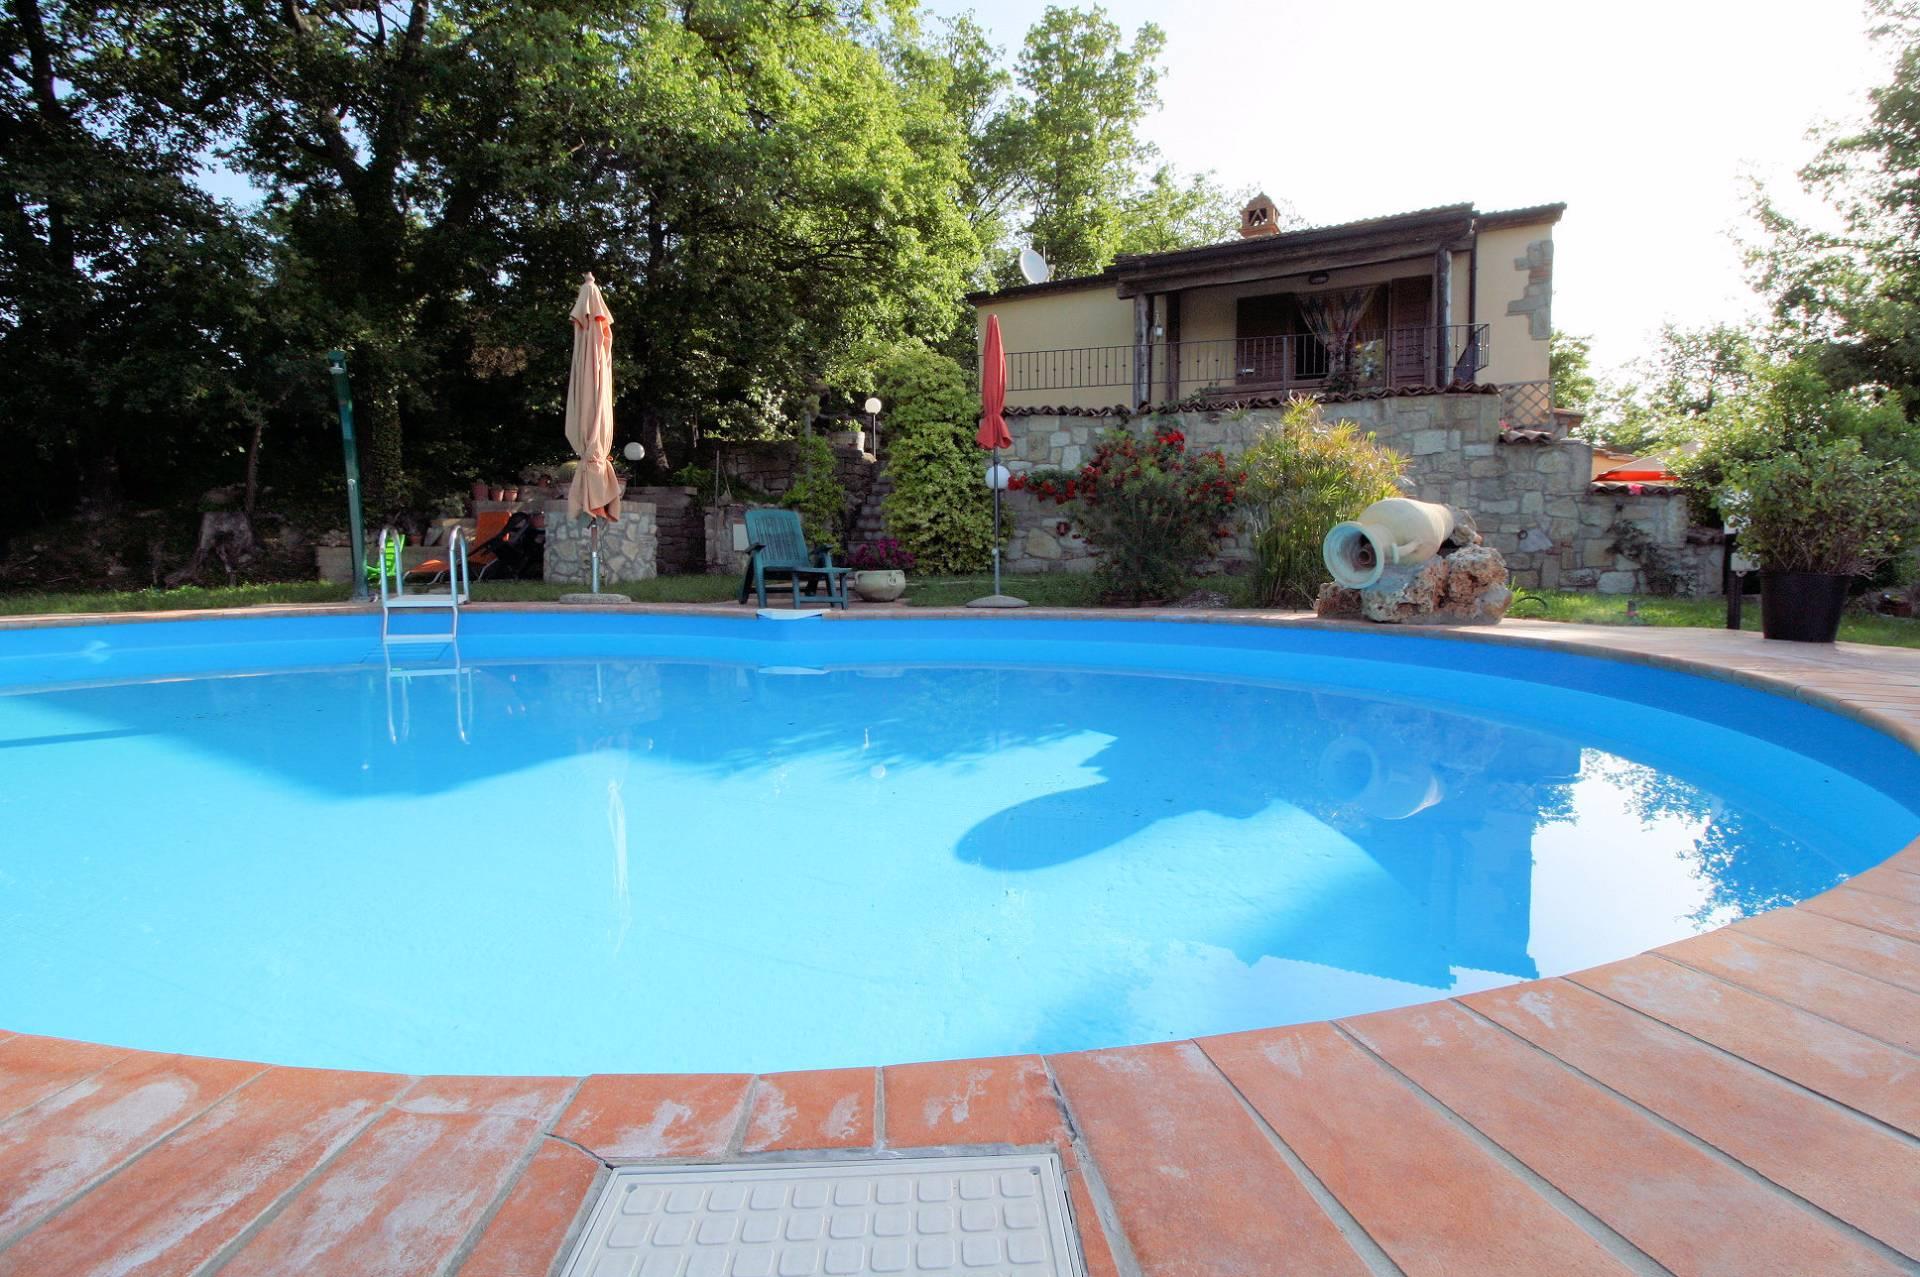 Rustico / Casale in vendita a Roccastrada, 4 locali, zona Zona: Sassofortino, prezzo € 265.000 | Cambio Casa.it